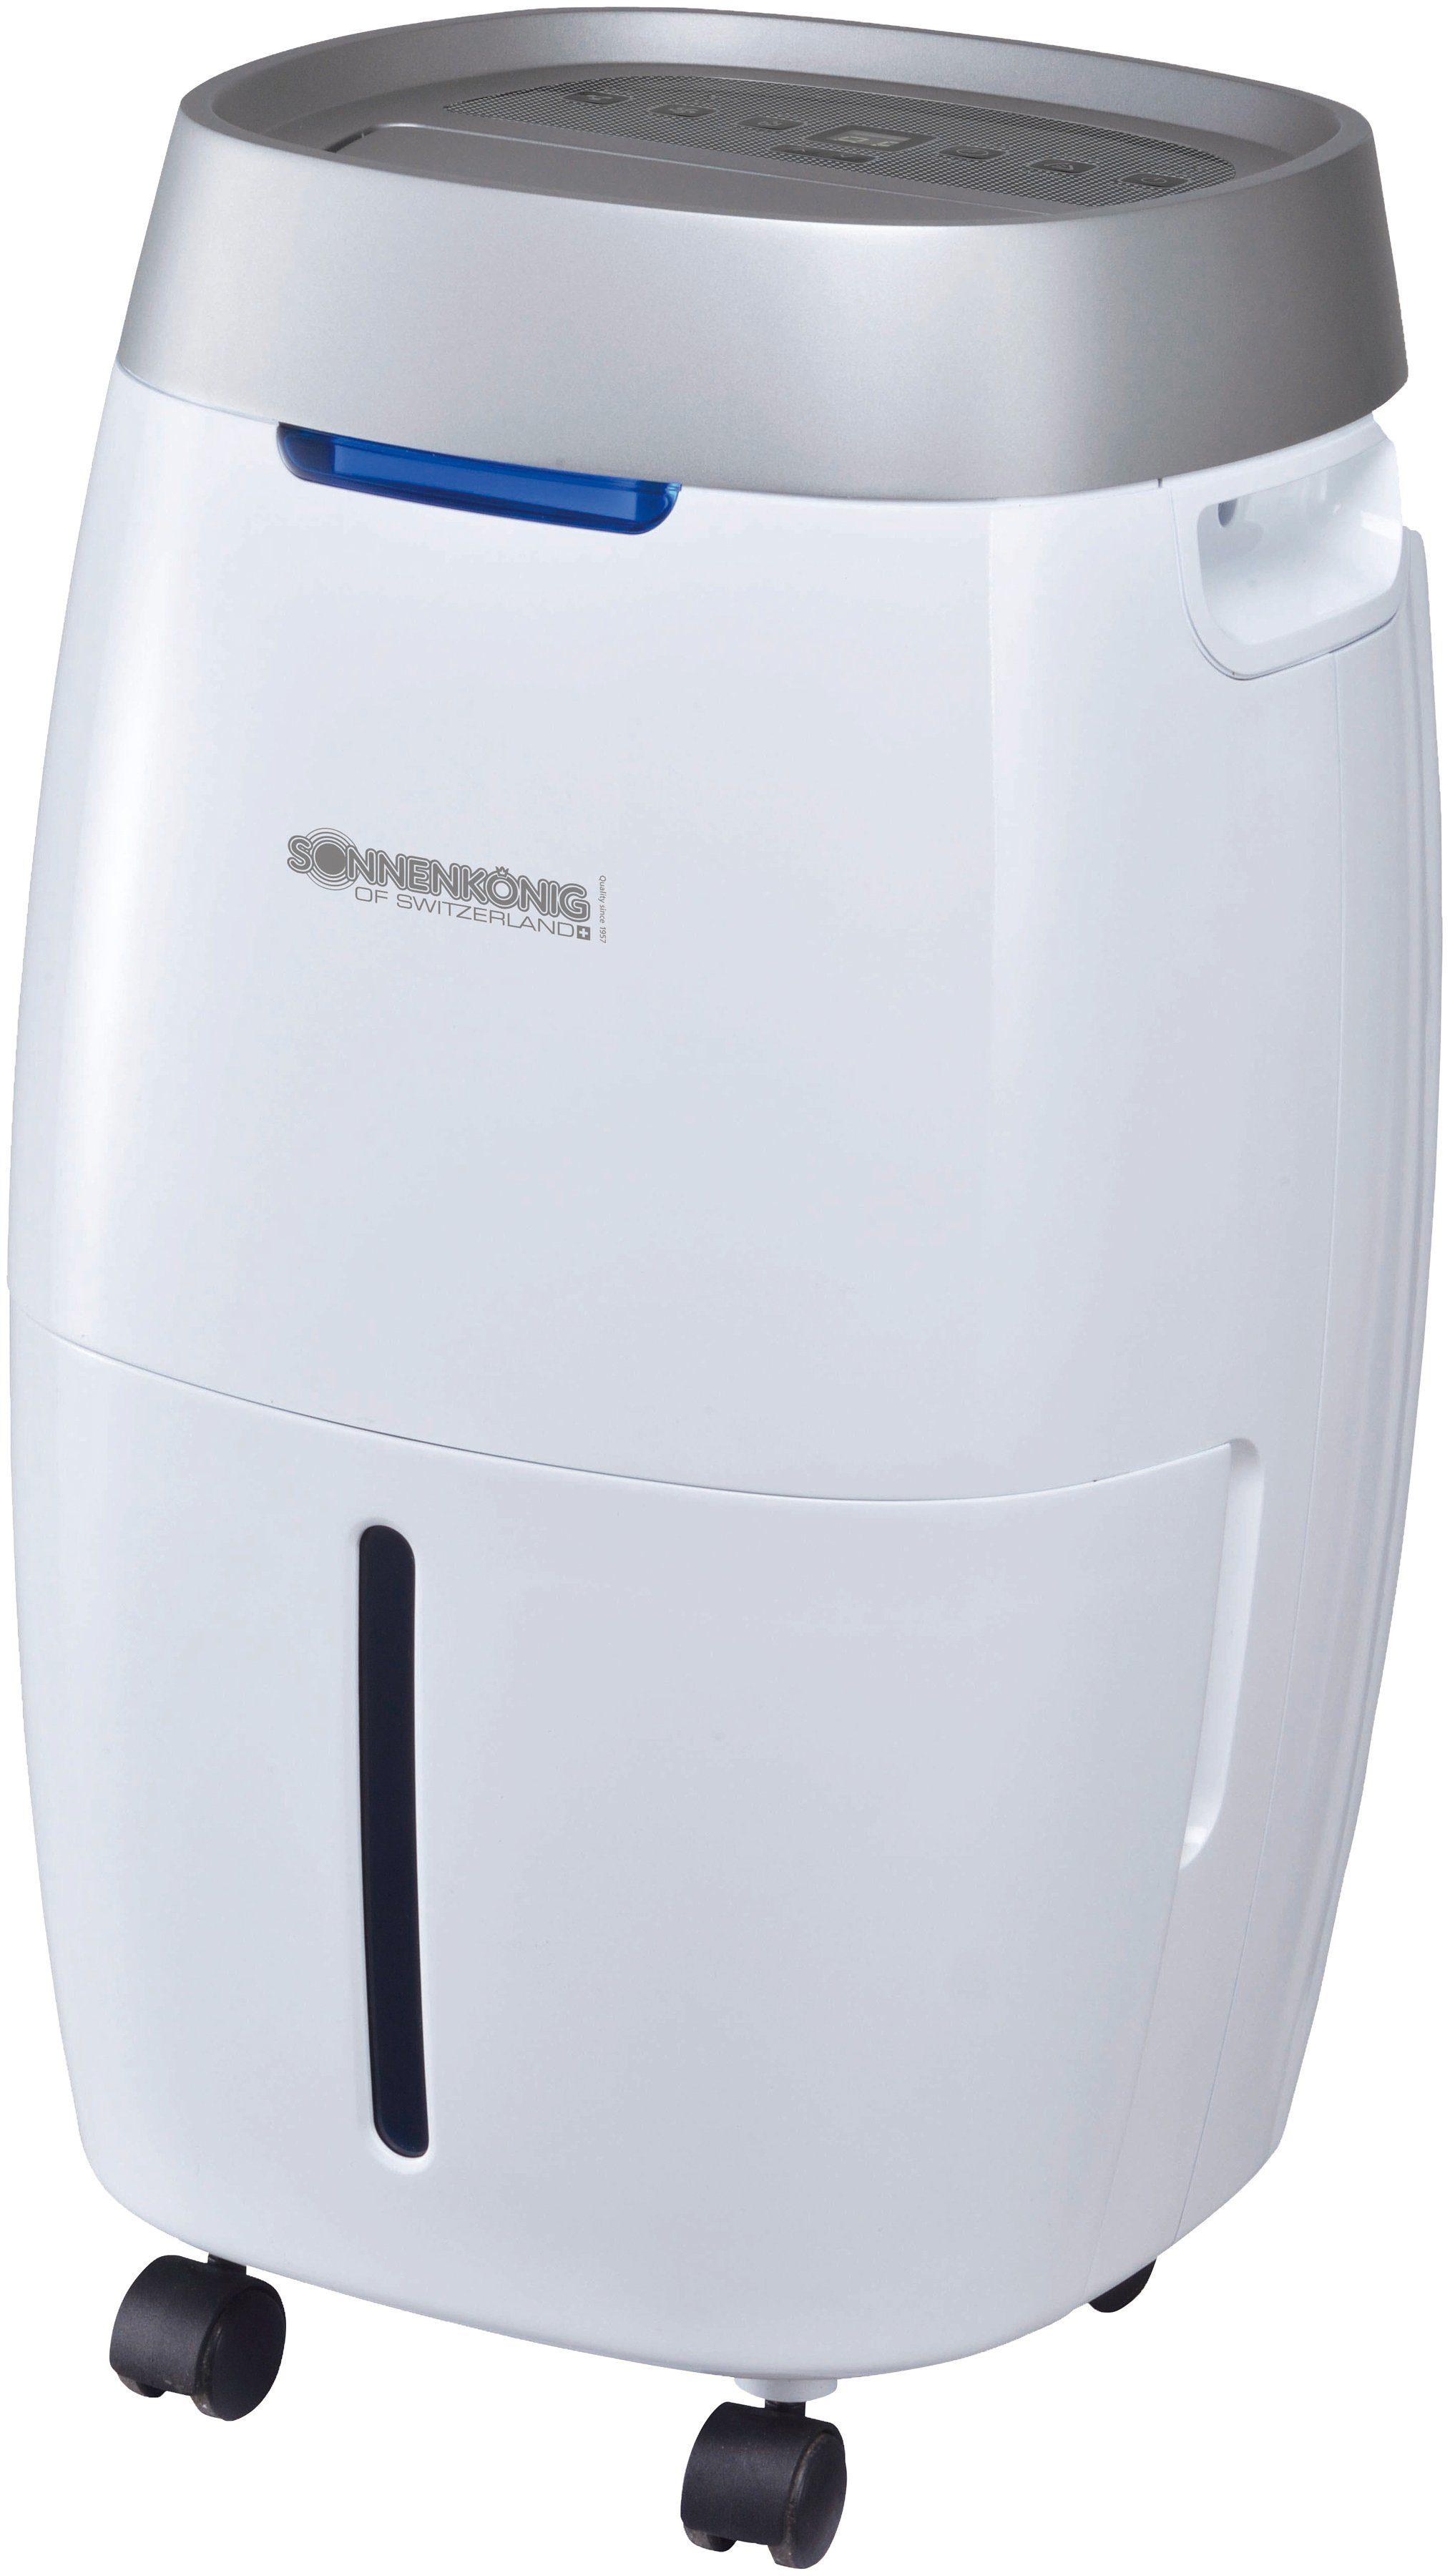 SONNENKÖNIG Luftreiniger »Secco 300«, elekt. Kontrollfeld, Feuchtigkeitssensor